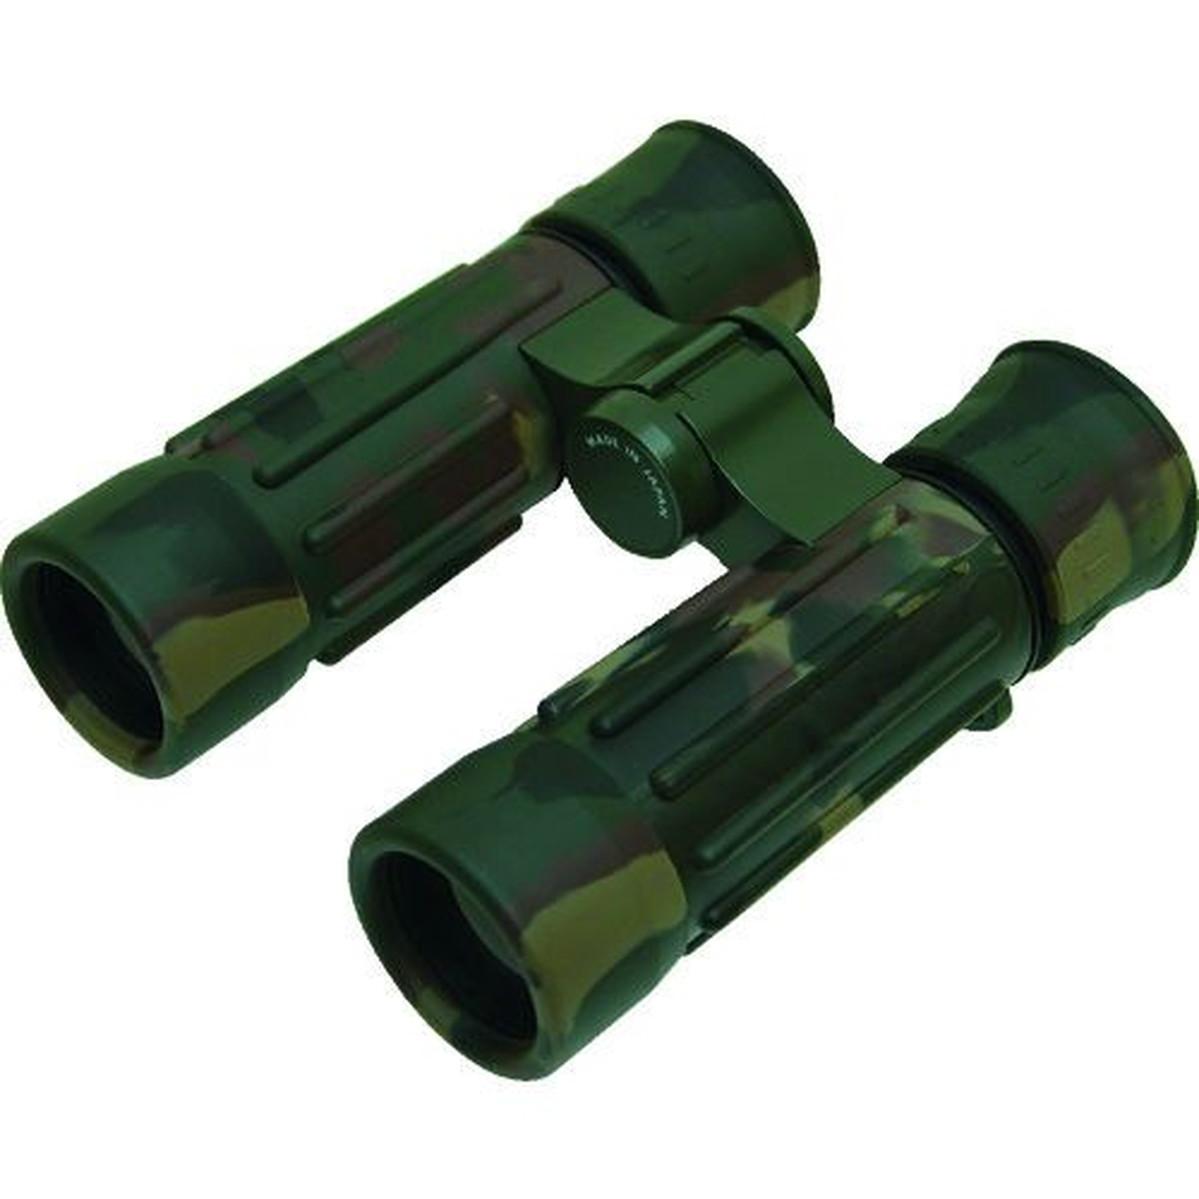 あす楽対応 セール 配送員設置送料無料 特集 DIY用品 SIGHTRON 1個 TAC36M ミリタリー完全防水型7倍双眼鏡